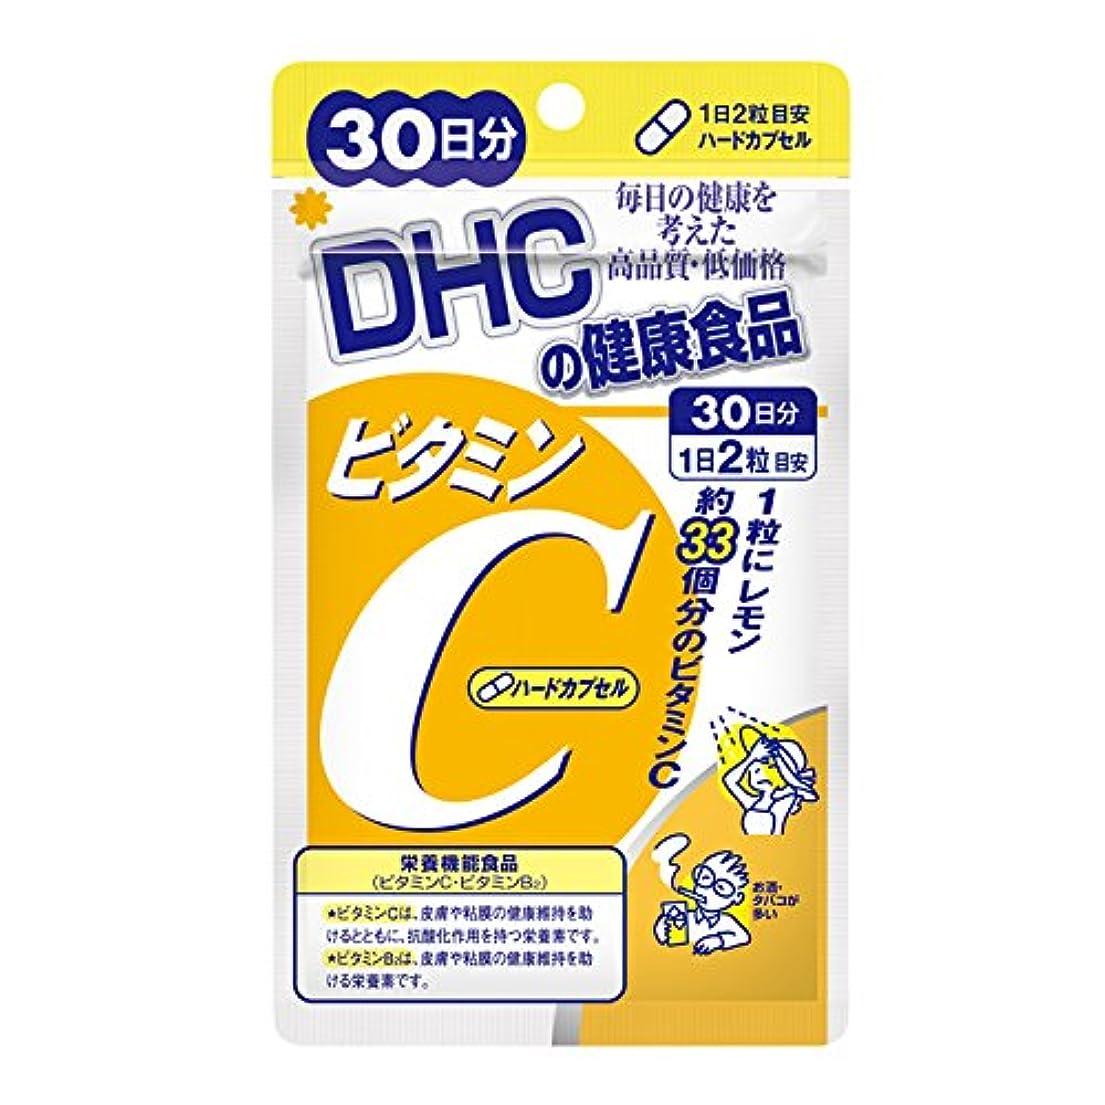 コンドーム酔うファンネルウェブスパイダーDHC ビタミンC(ハードカプセル) 30日分